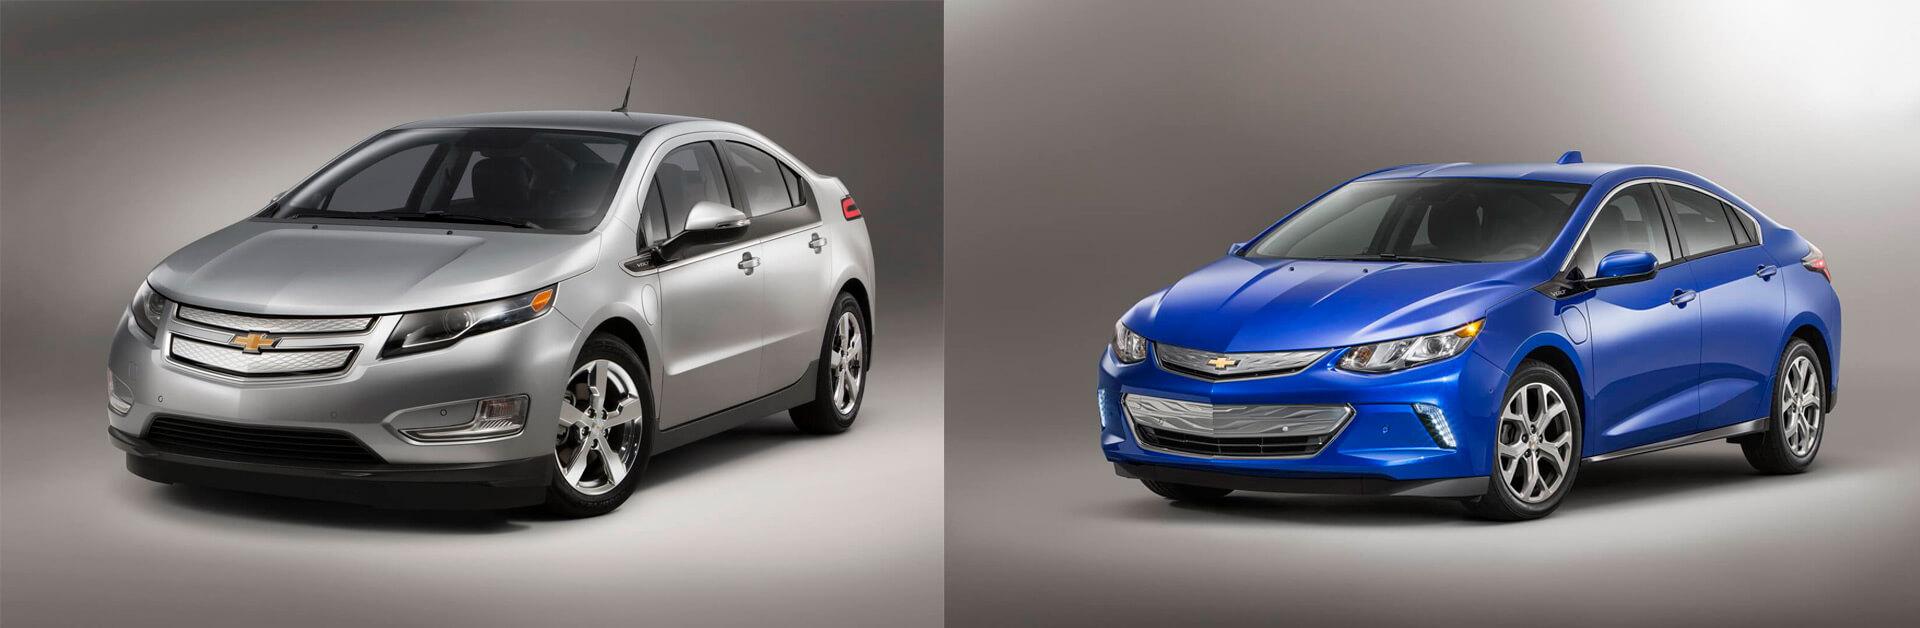 Chevrolet Volt PHEV первого (слева) и второго поколения